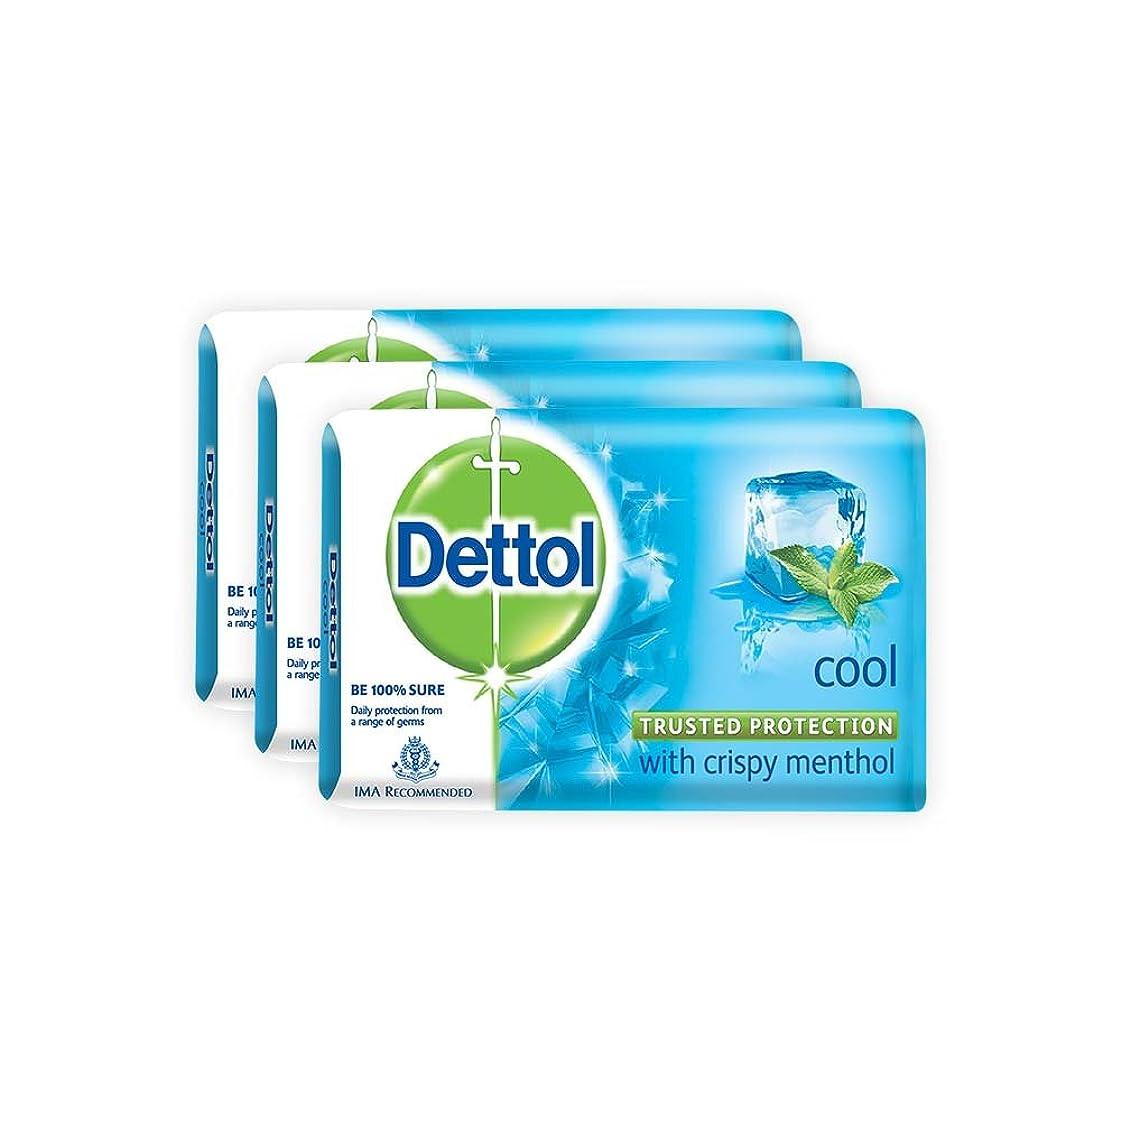 ジレンママイクマネージャーDettol Cool Bar Soap for Healthy Skin Pack of 3 (3 X 125 g)